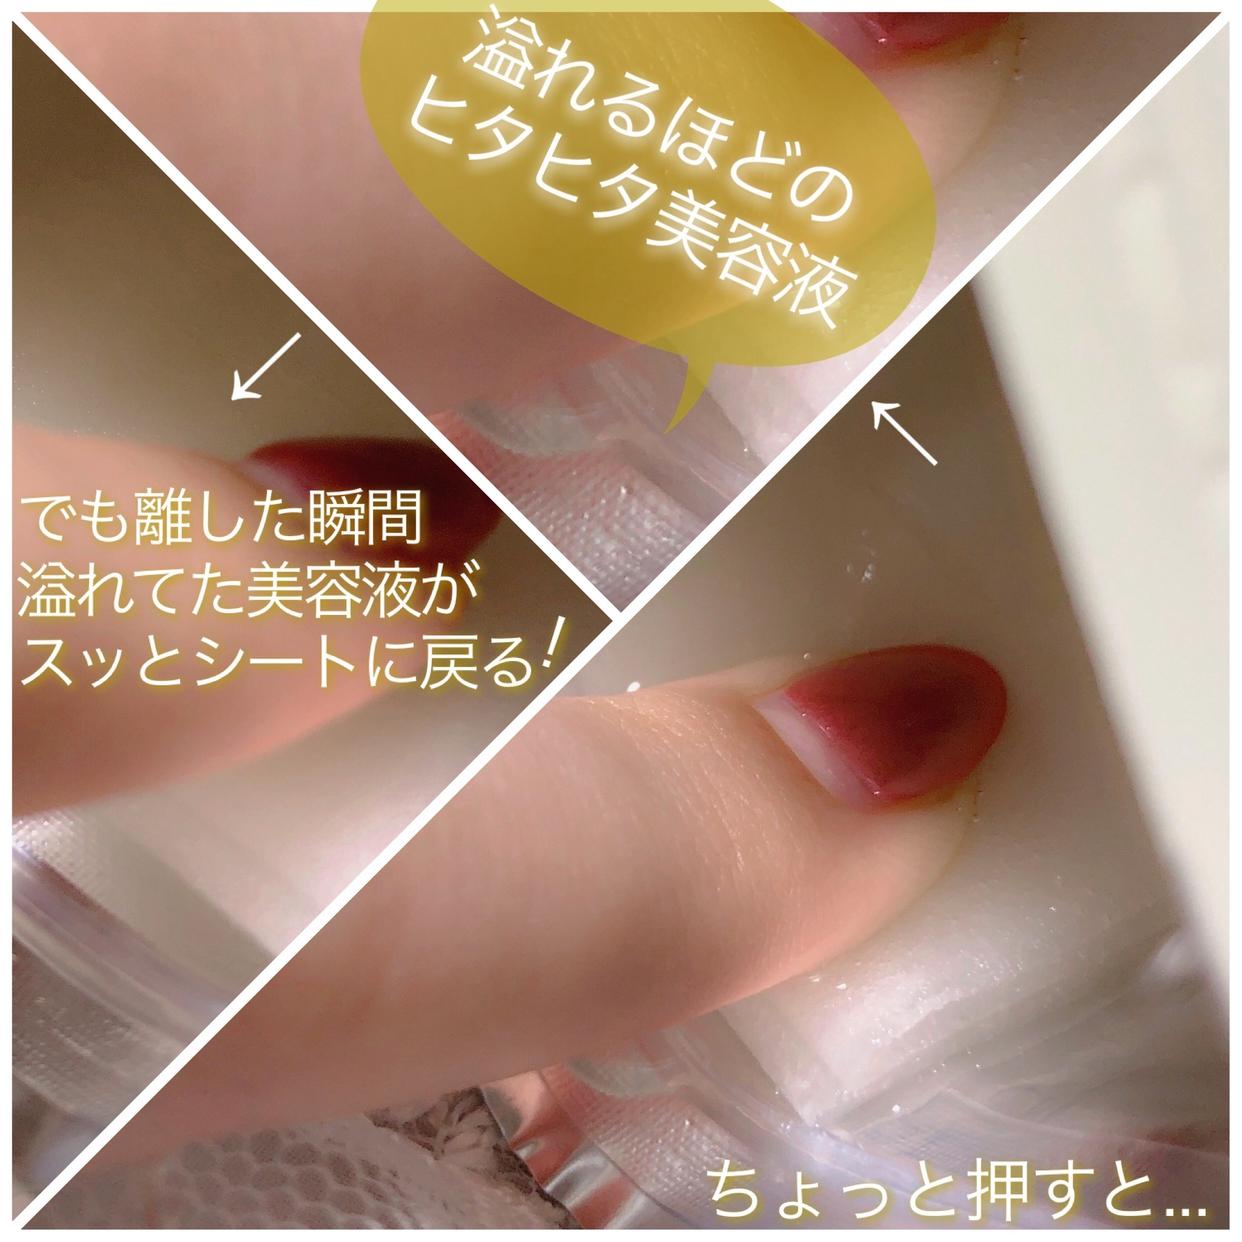 Wafood Made(ワフードメイド) SKマスク (酒粕マスク)を使ったsatomiさんのクチコミ画像3